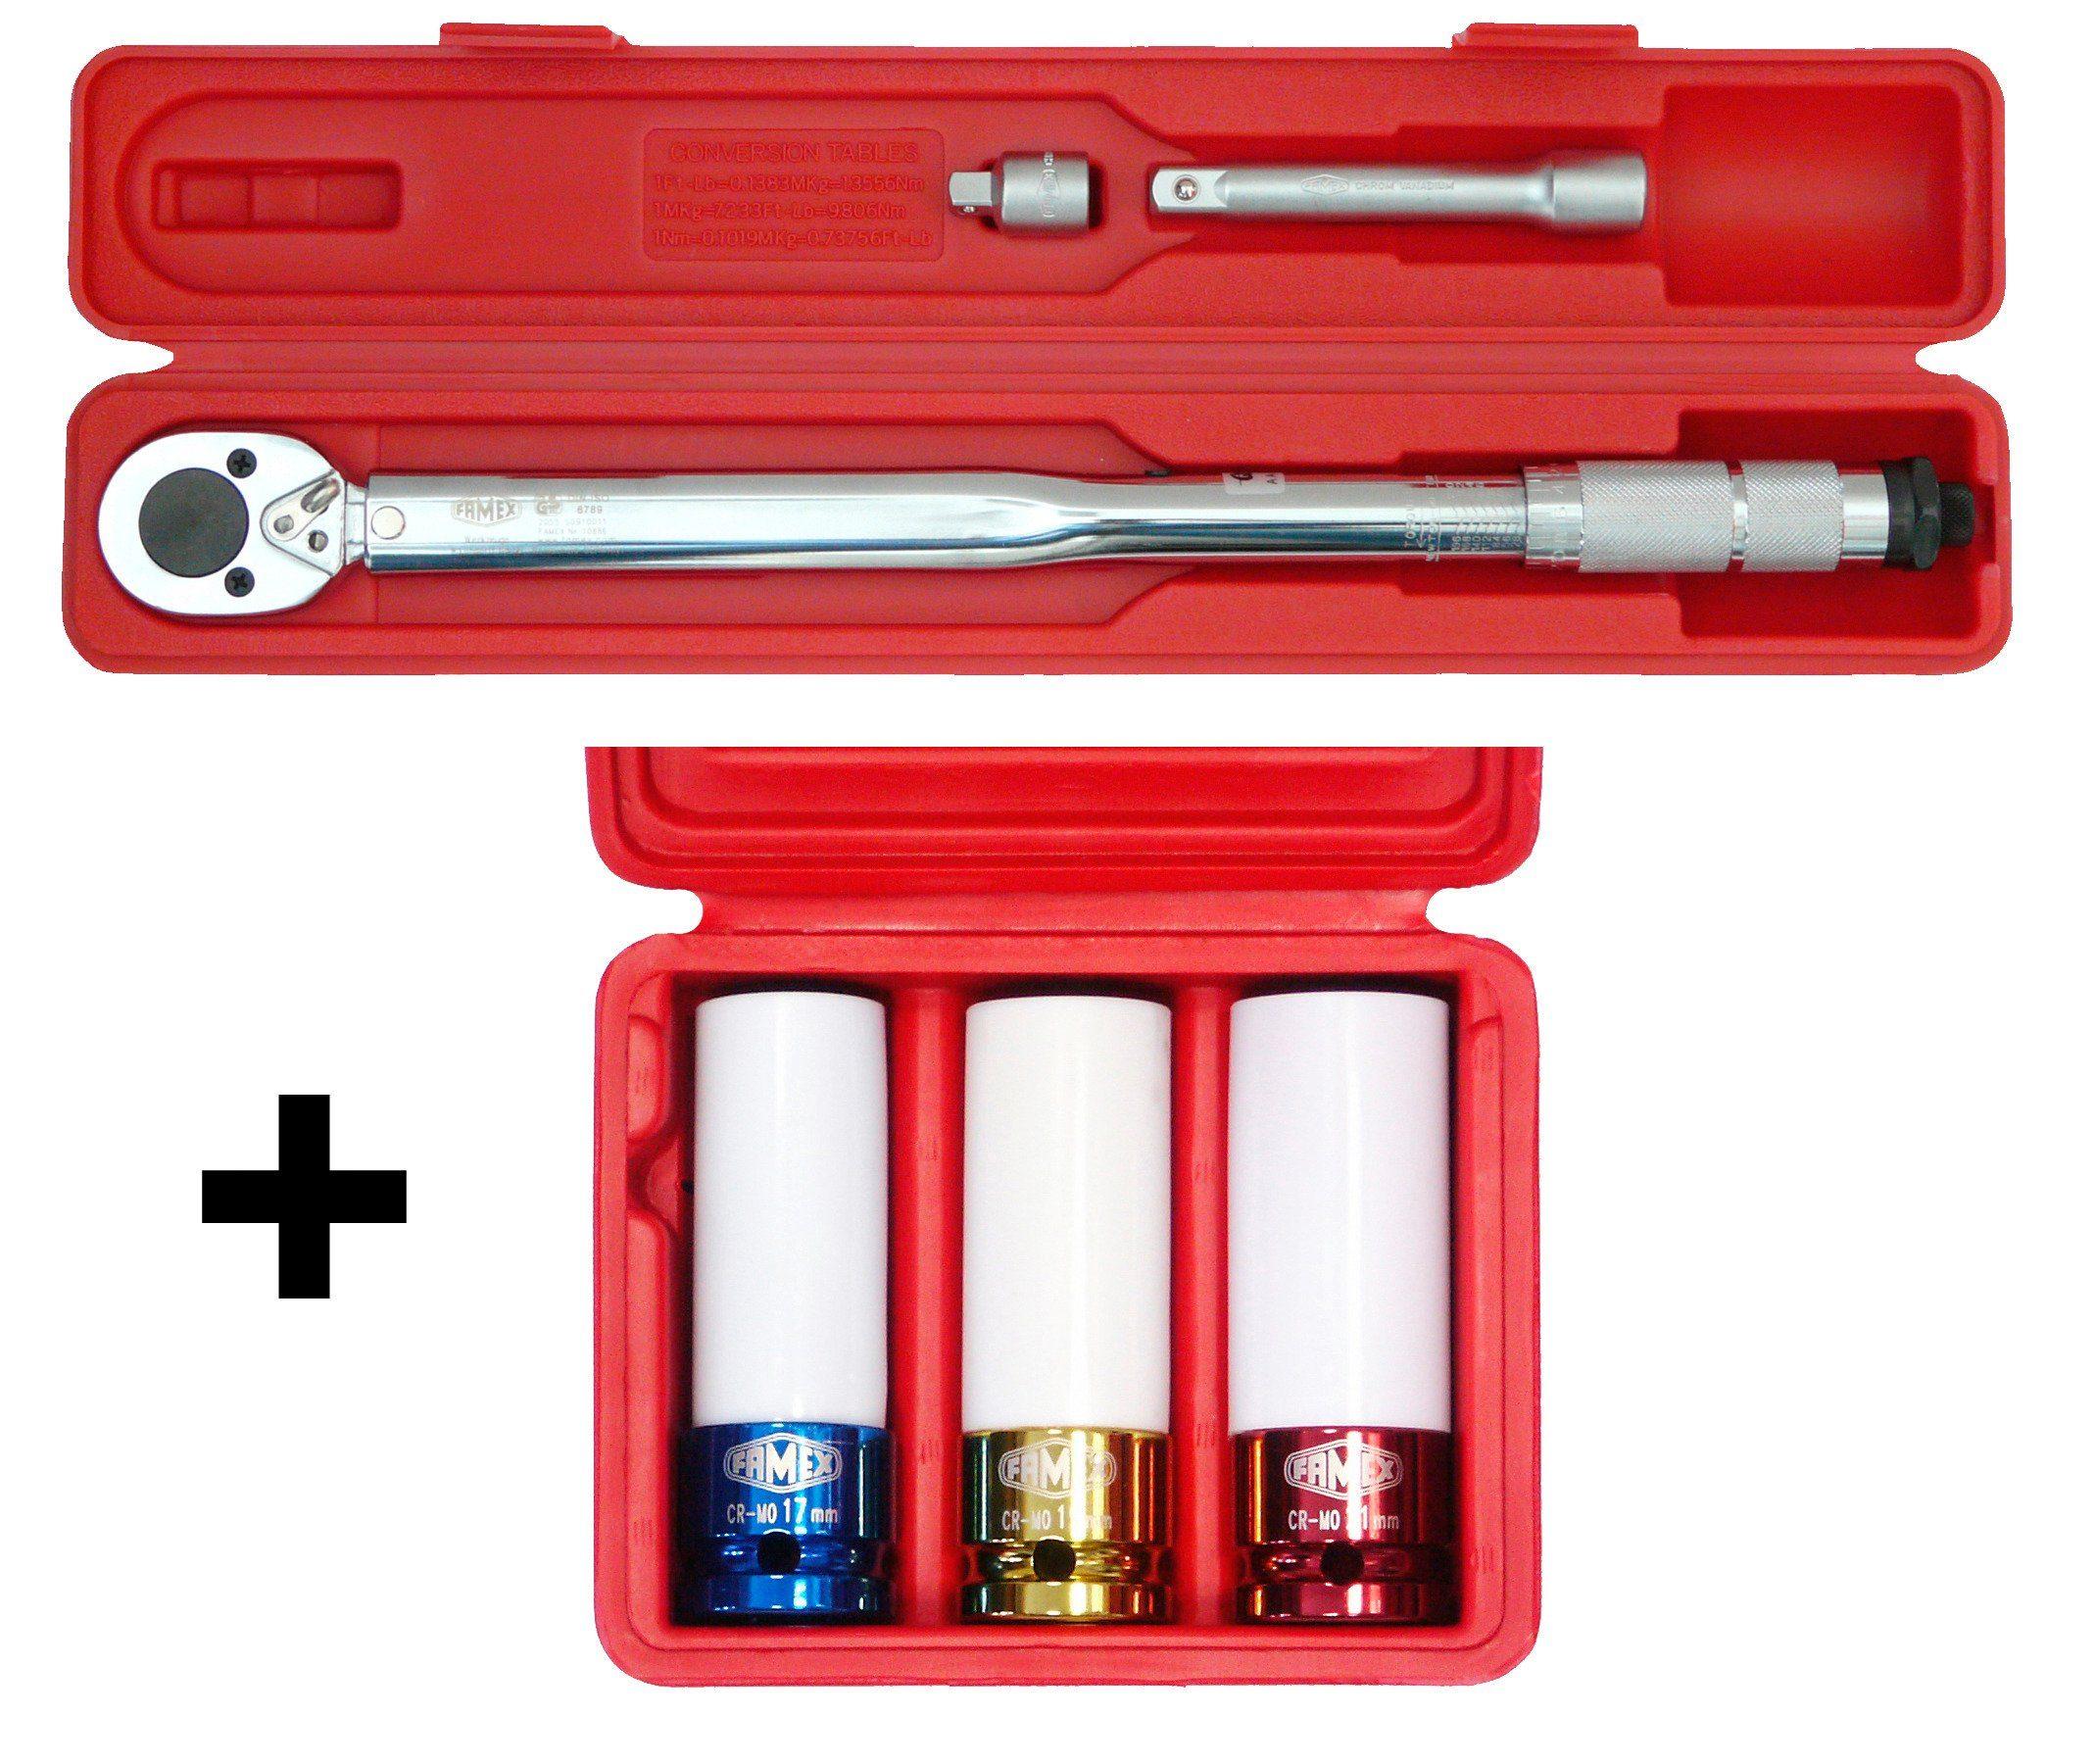 Famex Sparset: Drehmomentschlüssel-Set »30-210 Nm, mit Spezial-Radmutterneinsätzen«